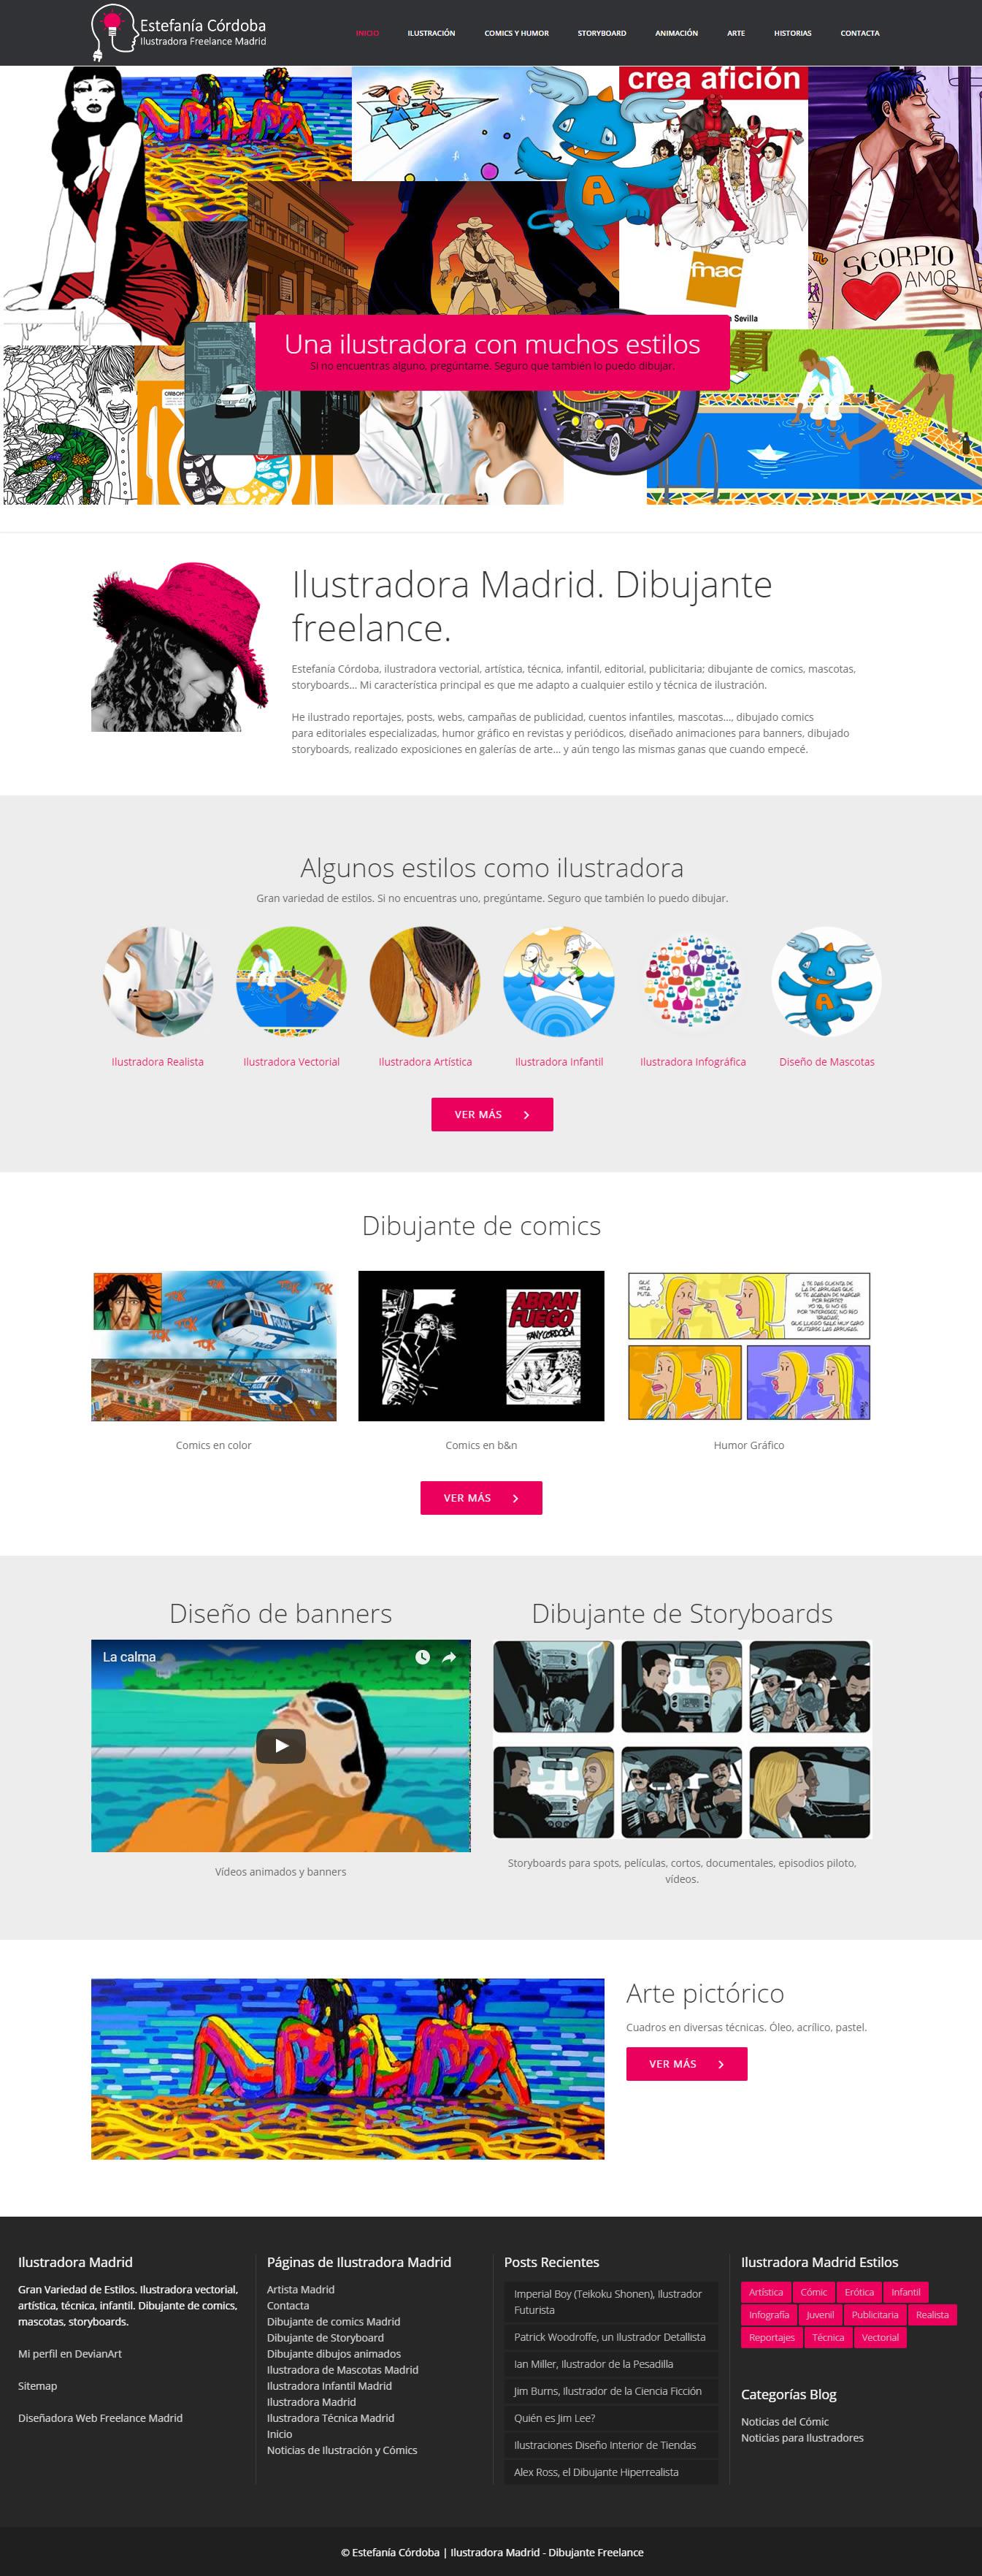 Diseño web original con muchos dibujos y animaciones